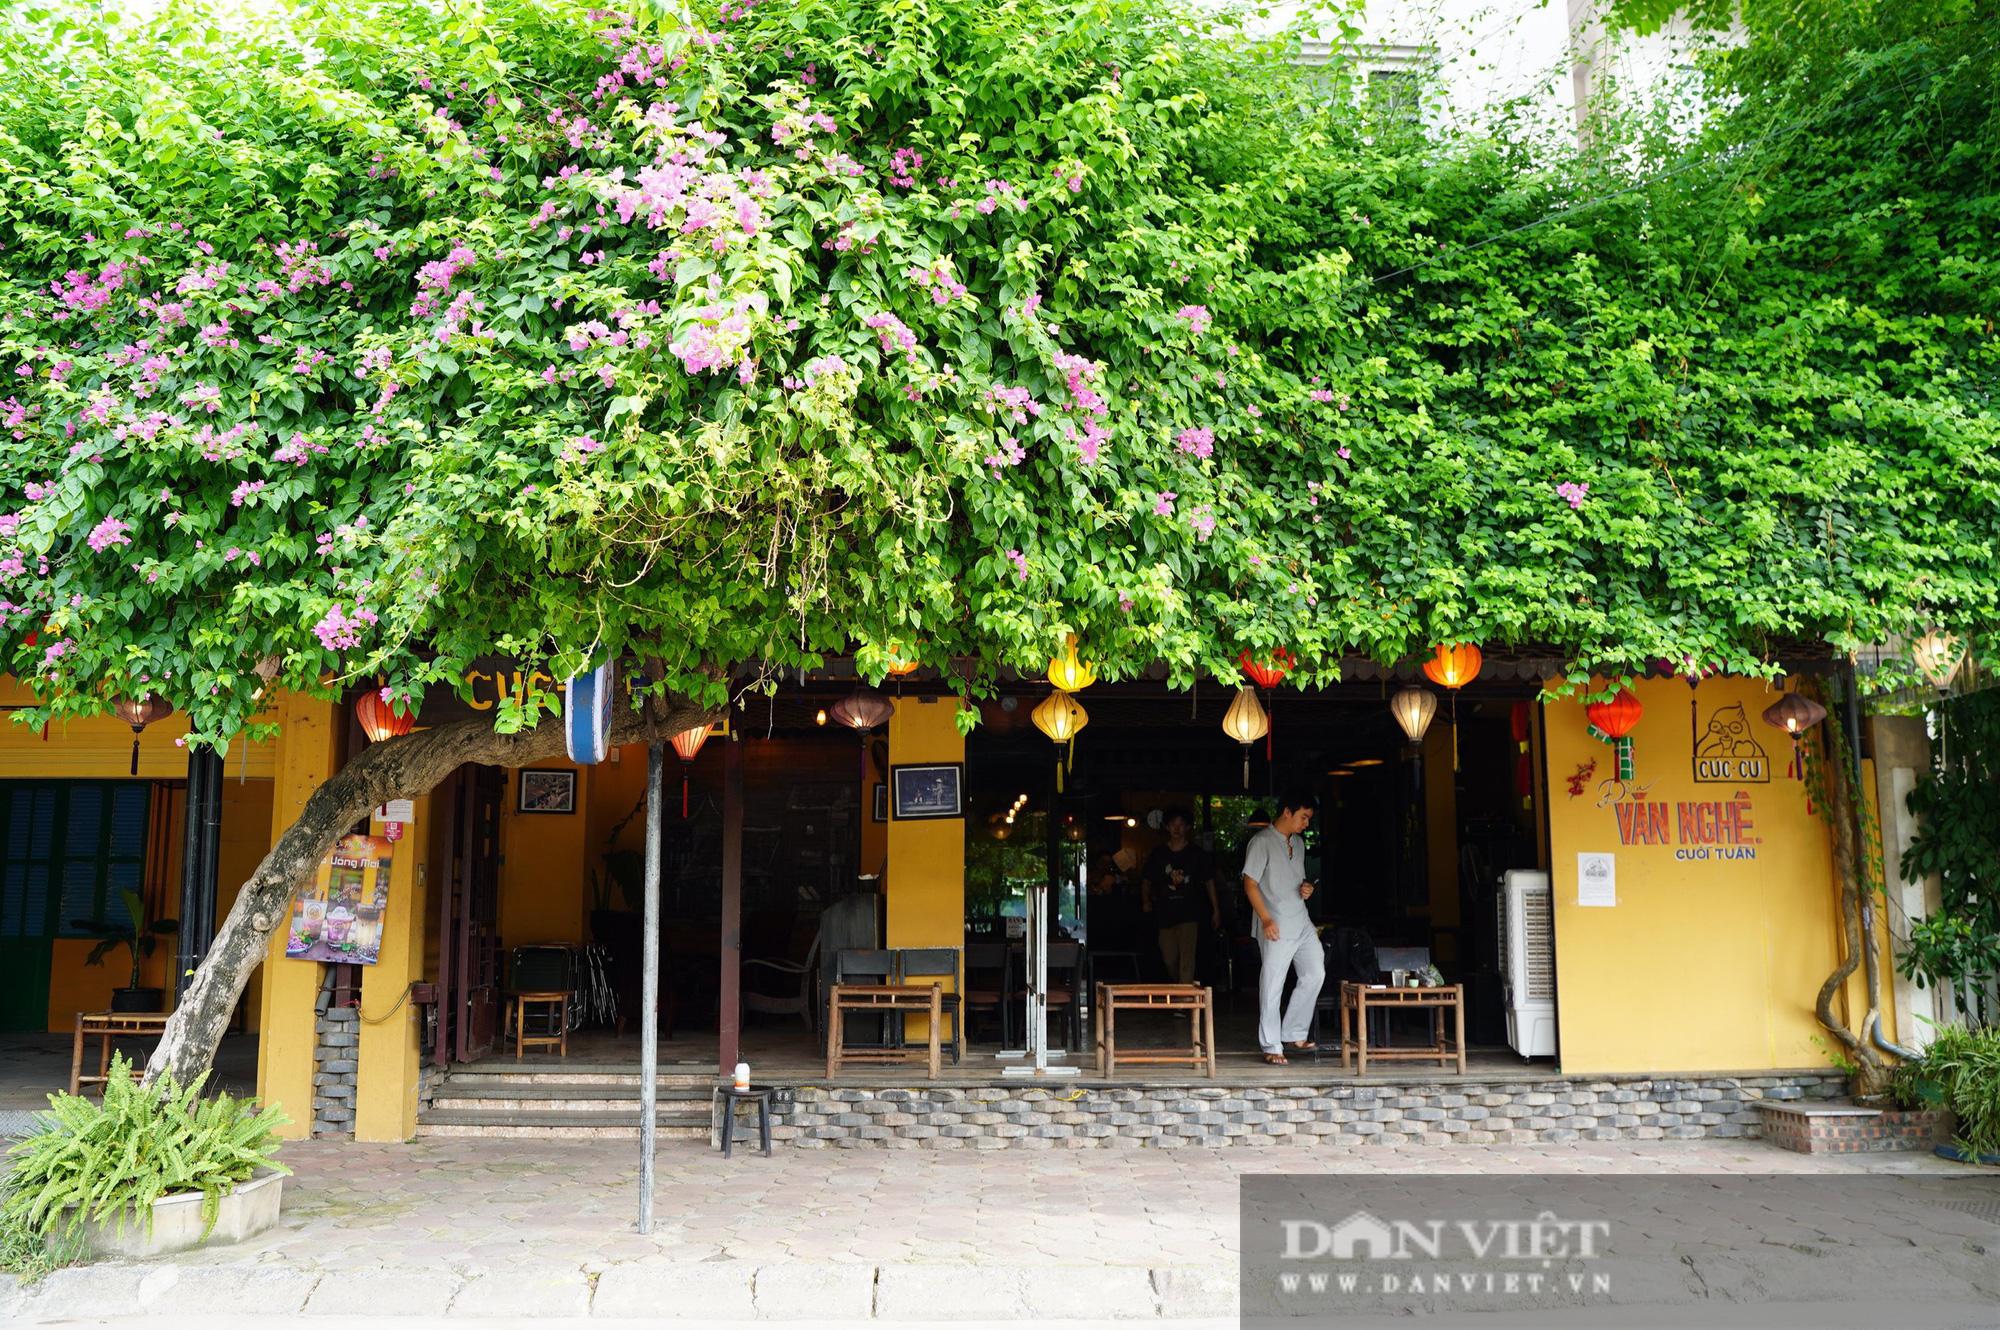 Hà Nội: Quán cafe nơi thưa thớt, chỗ nhộp nhịp trong ngày đầu mở cửa trở lại - Ảnh 1.